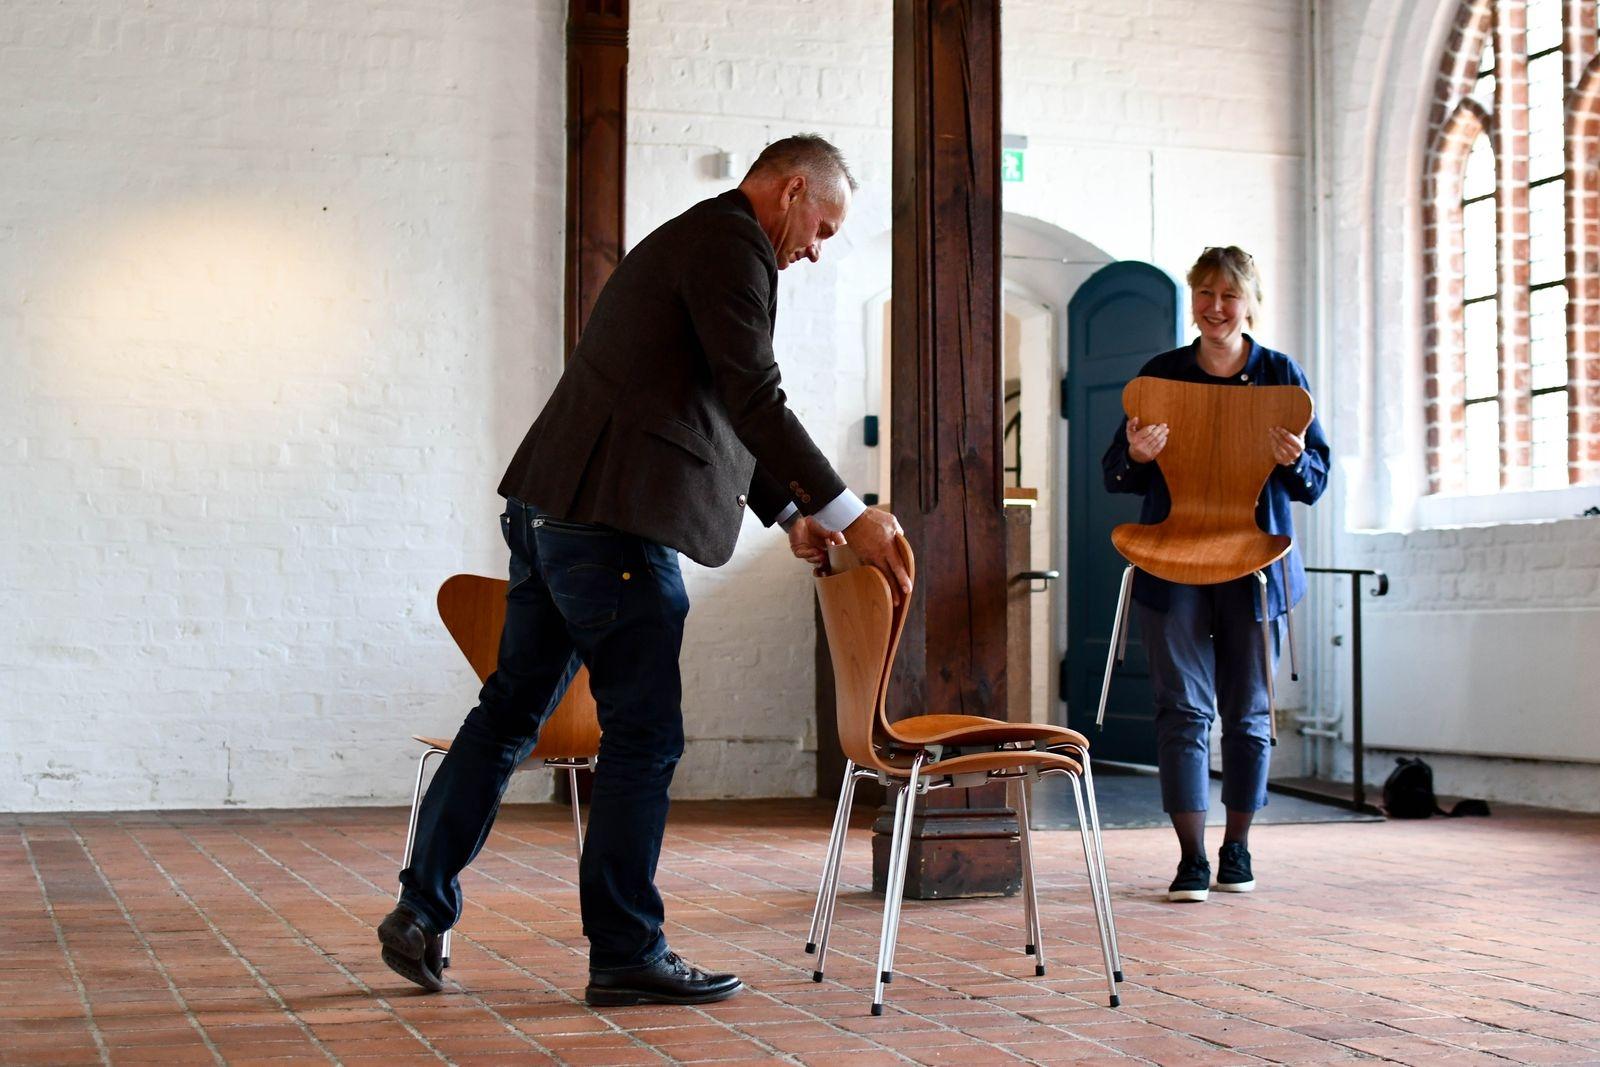 Sebastian Goksör och Kristina Buhrgard hoppas snart få lov att möblera för föreläsningar på Klostret igen. Tillsvidare ges föredragen på konstmuséet.